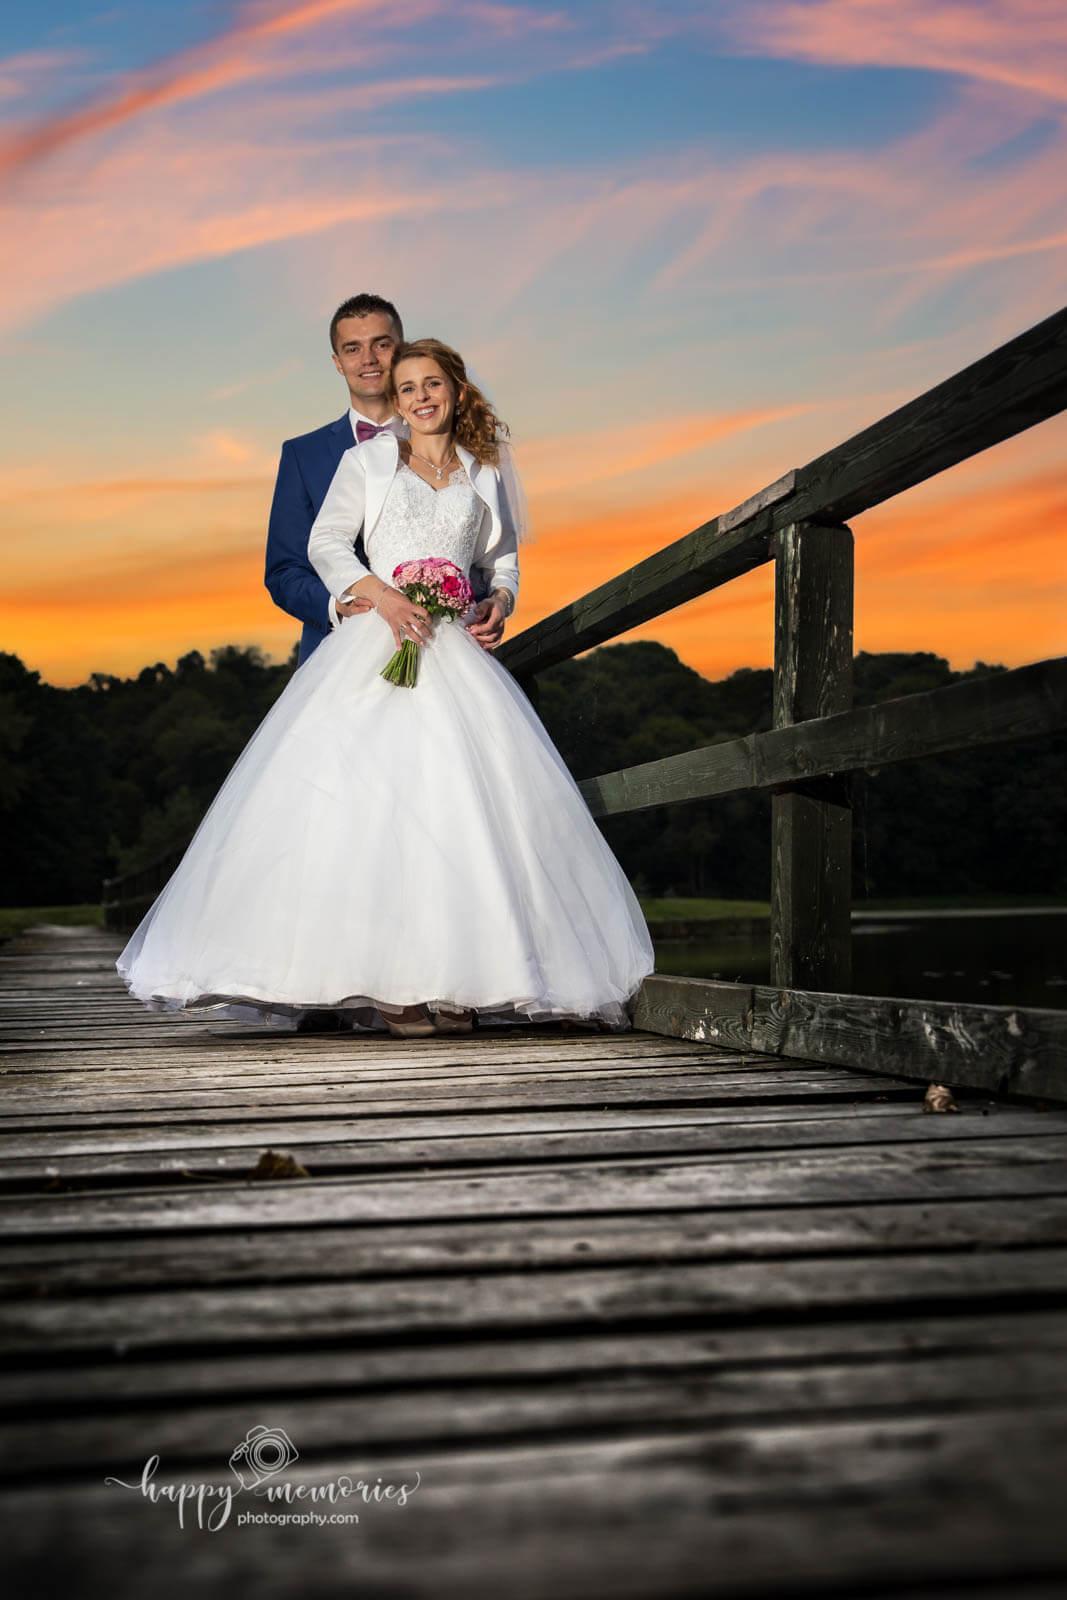 Wedding photographer Horsham-32